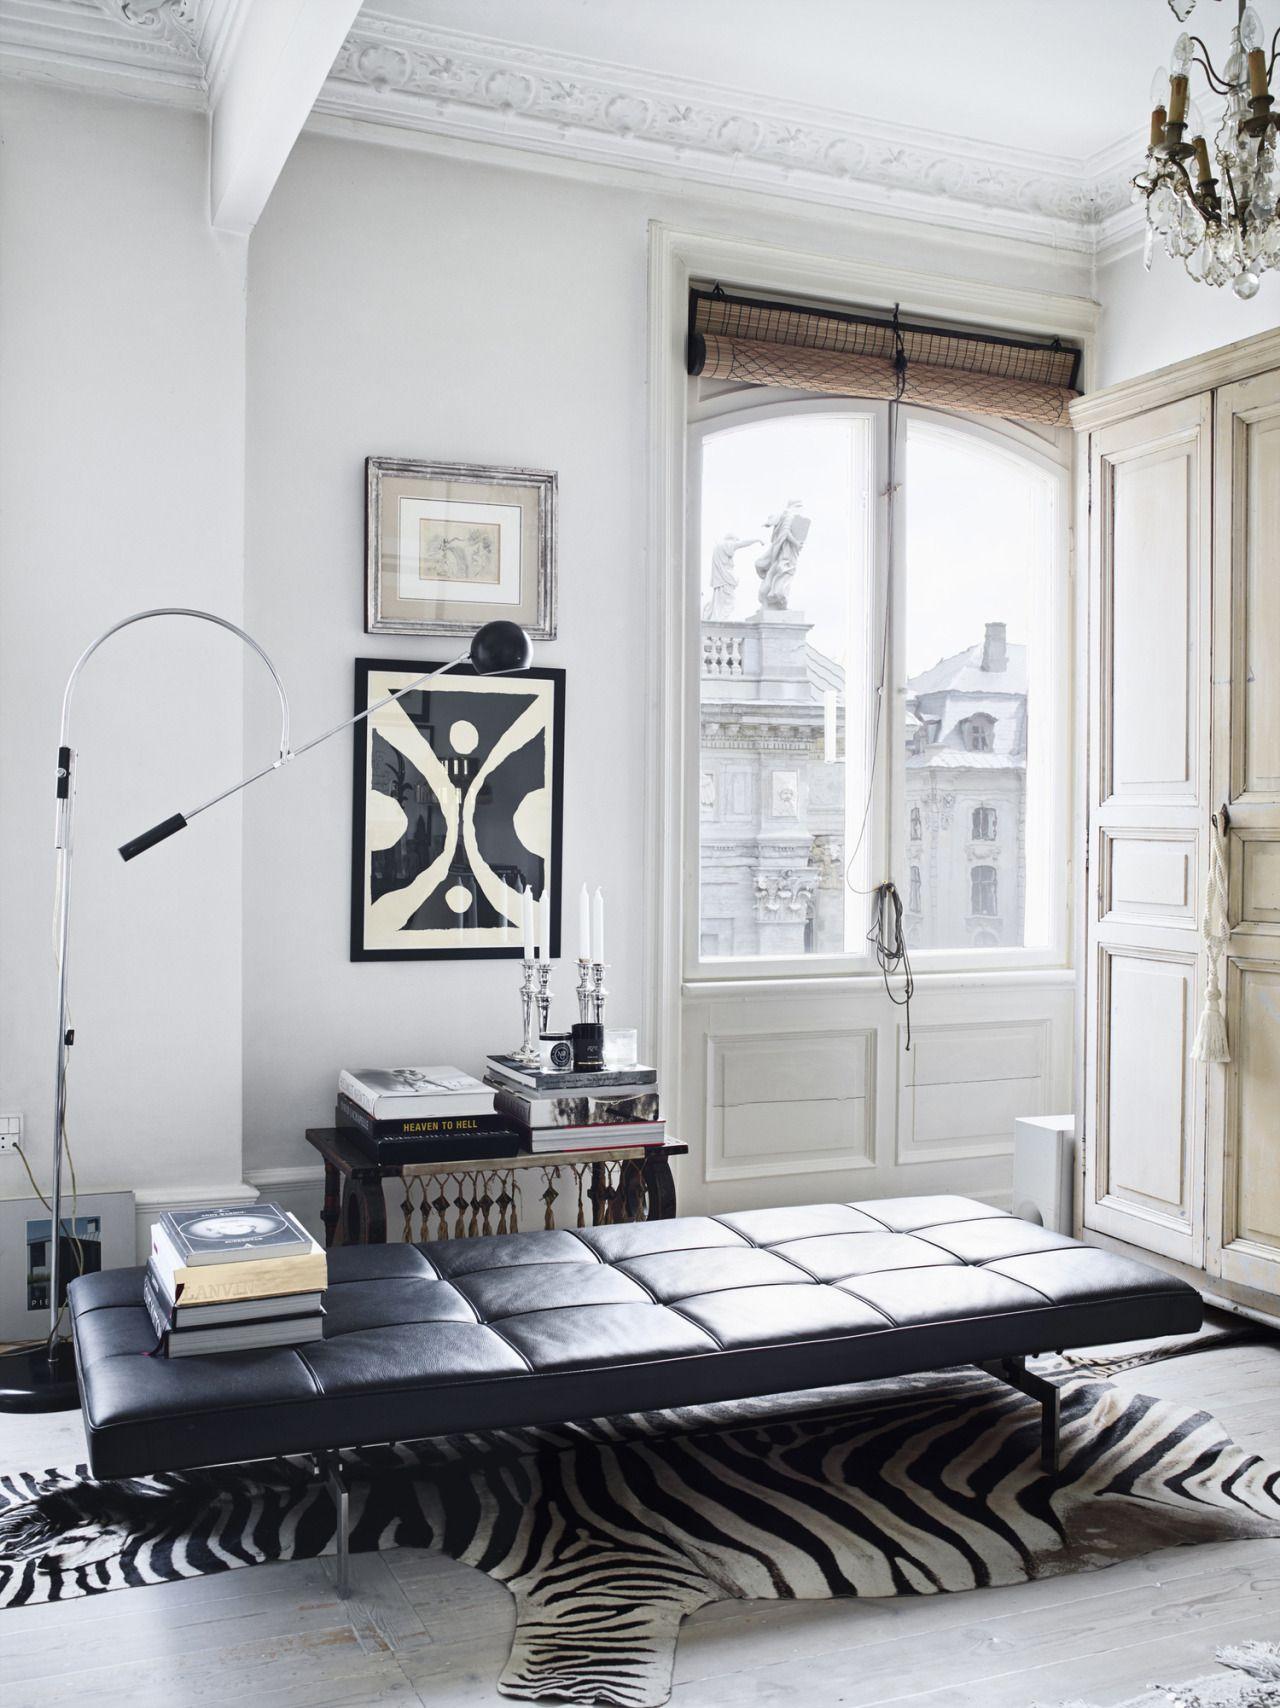 inneneinrichtung #homedecor #interiordesign | Die schönsten ...